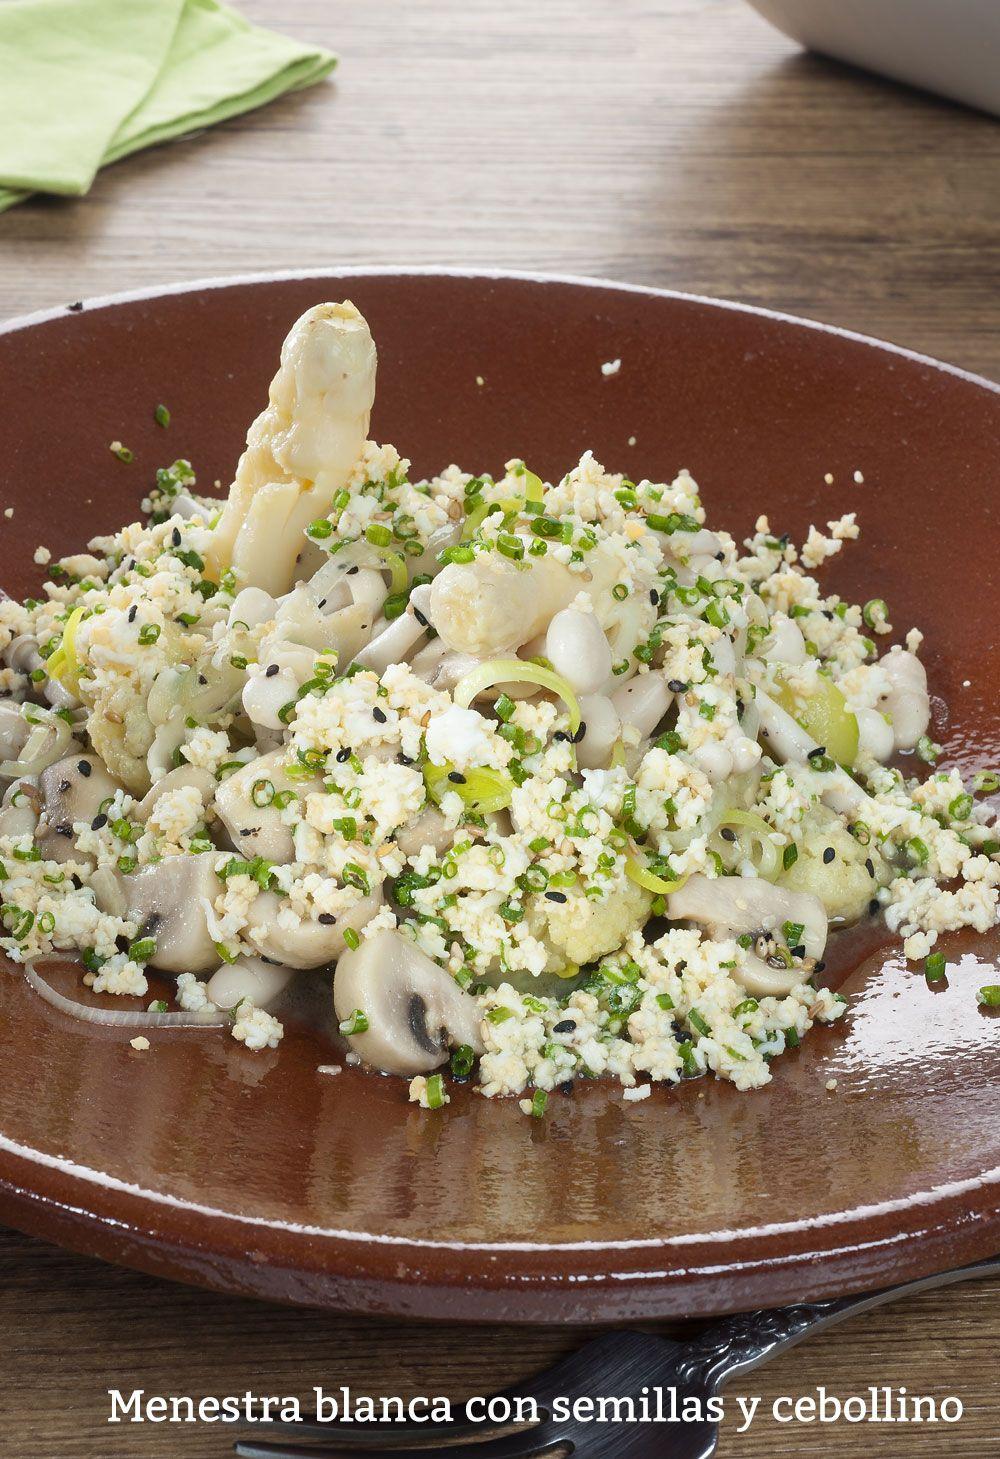 Menestra blanca con semillas y cebollino